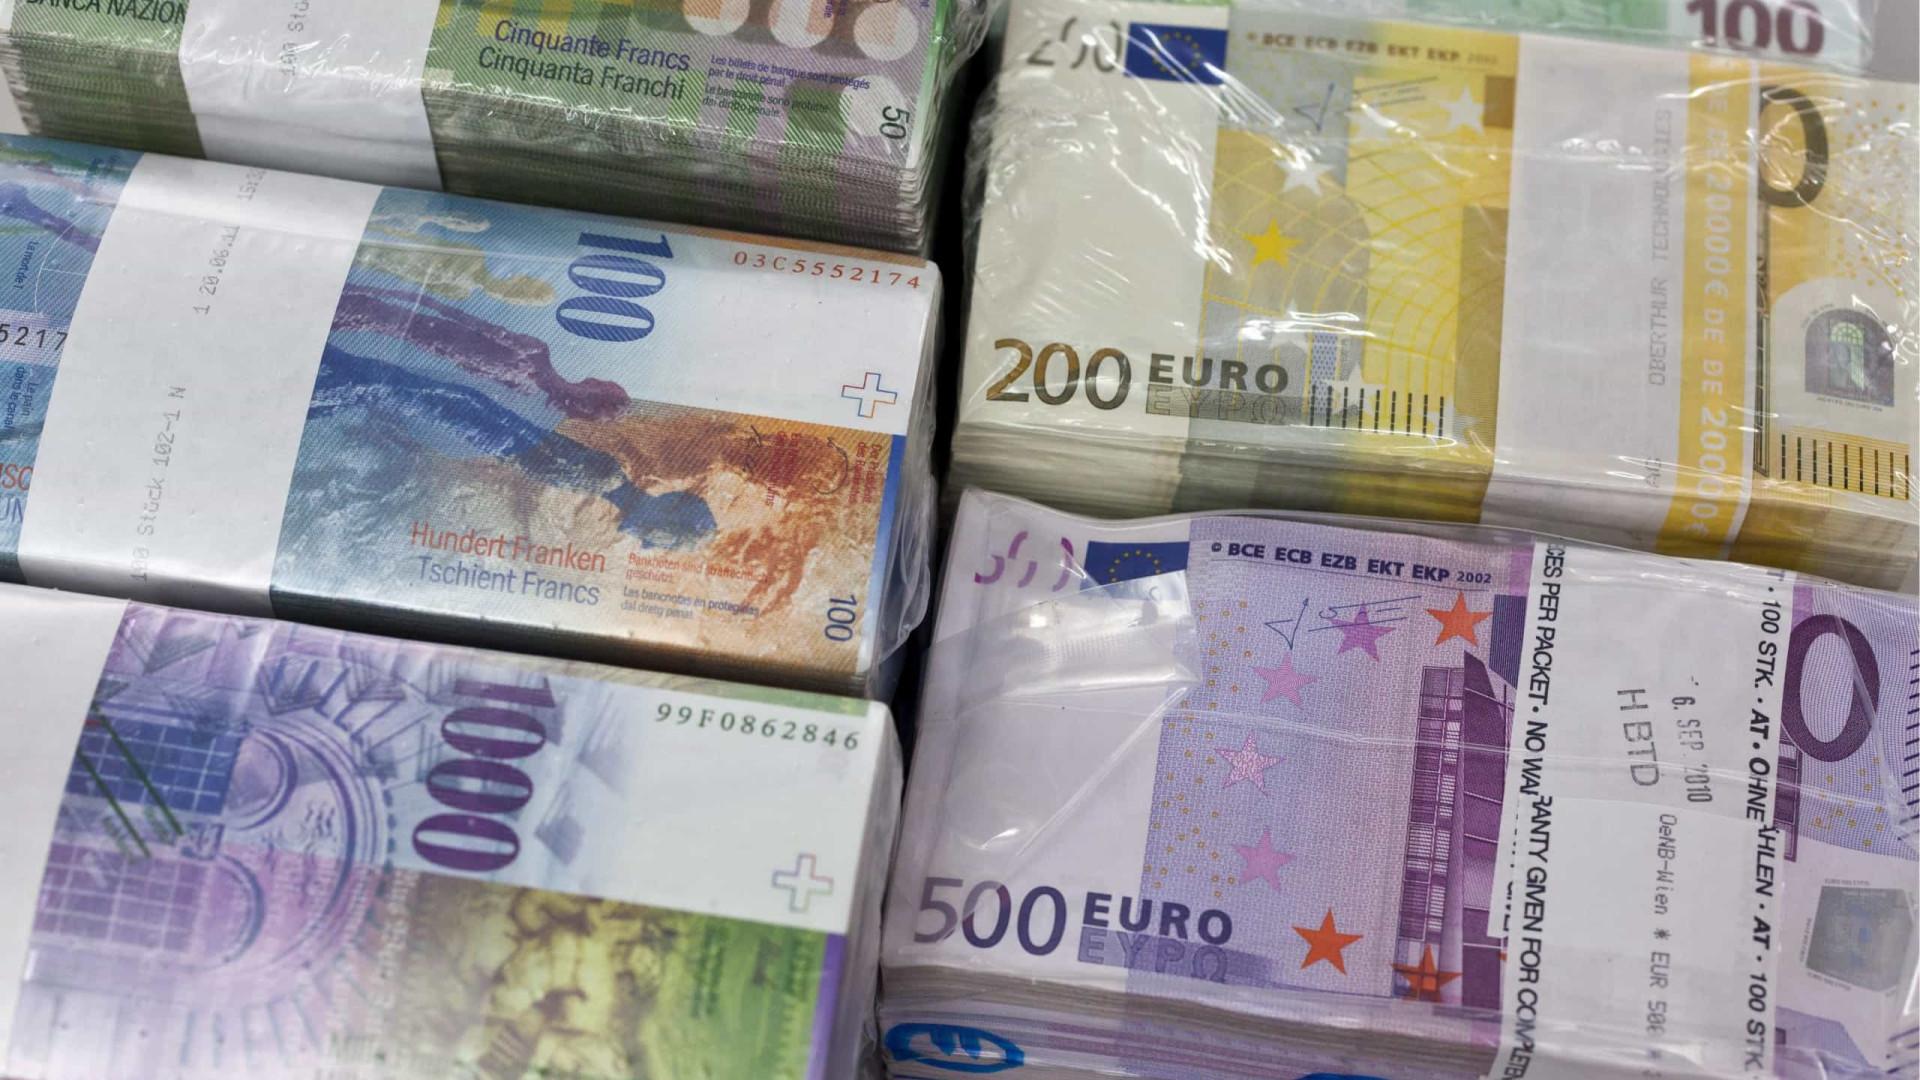 Polícia italiana apreende 28 milhões falsos e faz 13 detenções